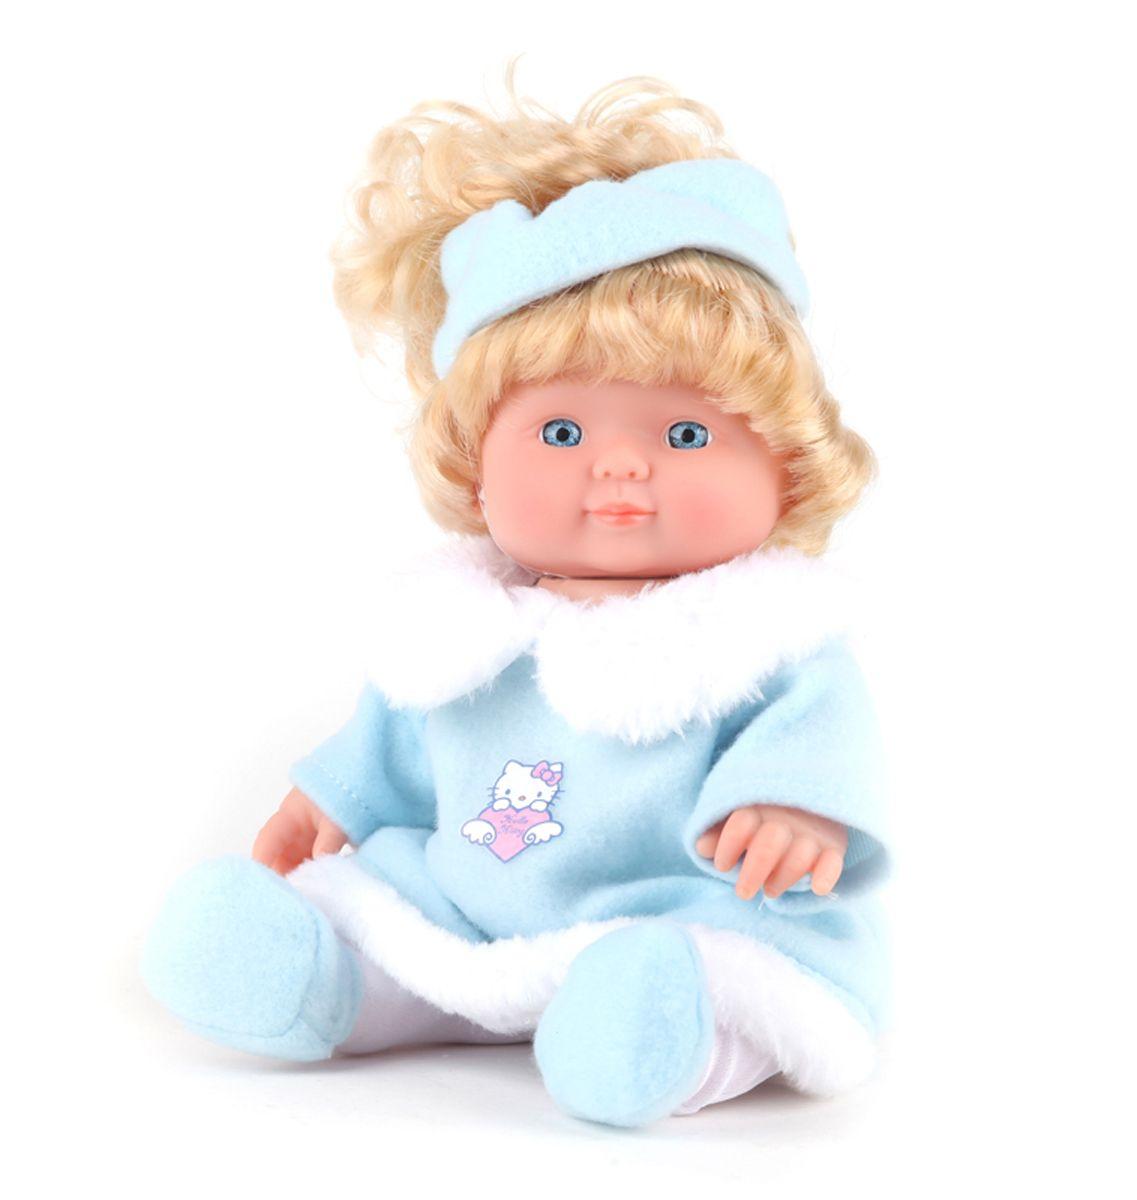 Карапуз Кукла Нello Кitty в шубке30205-HELLO KITTYНажмите на кнопку на животе куклы и она будет звать маму и папу, смеяться и лепетать. У нее подвижные ручки и ножки, твердое тело. Кукла одета в милую шубку с изображением кошечки Hello Kitty. Батарейки входят в комплект.